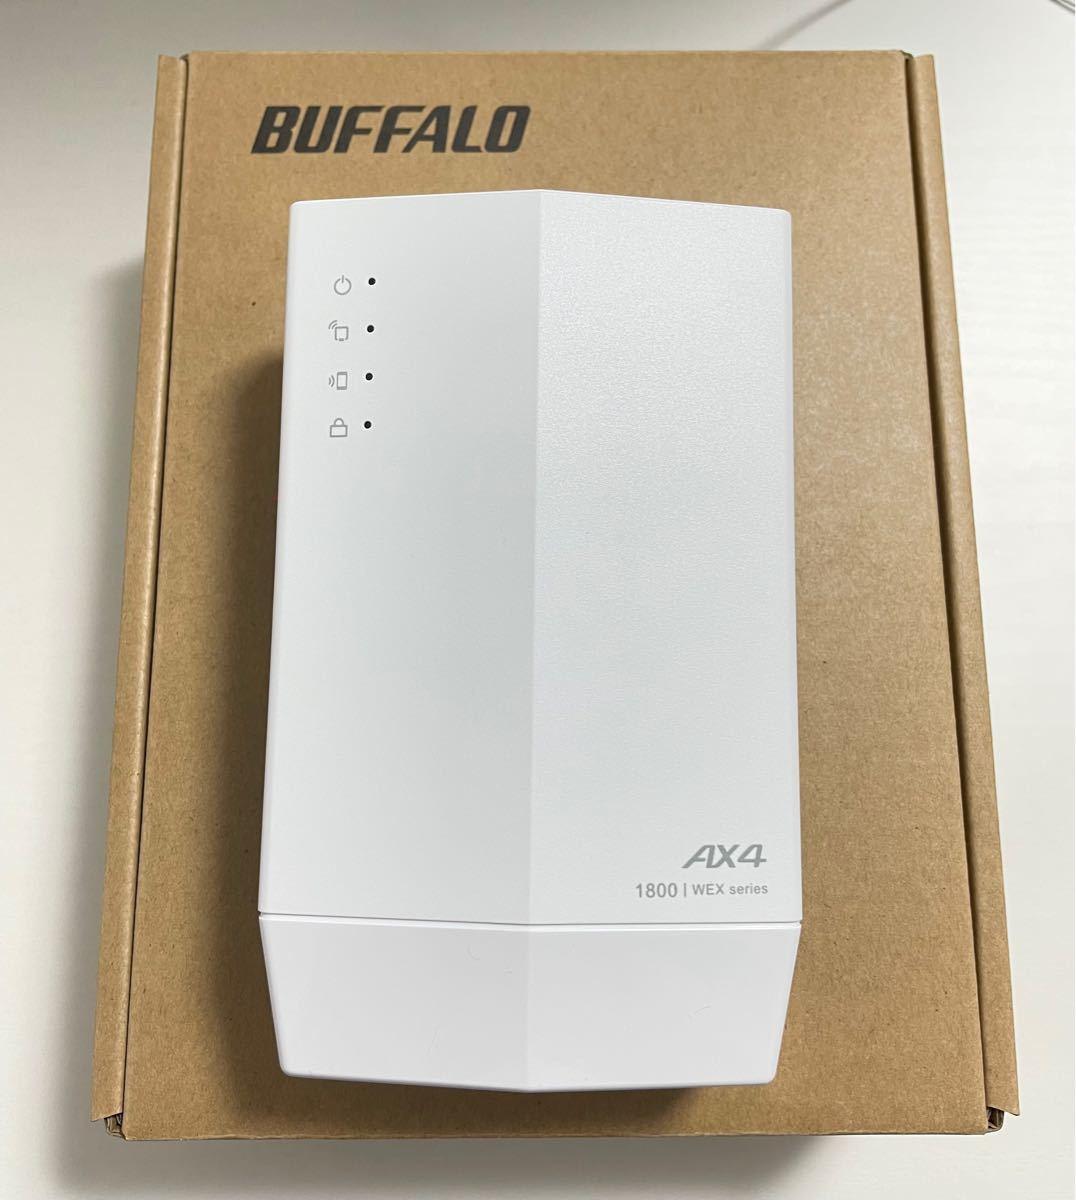 バッファロー WiFi 無線LAN 中継機 WEX-1800AX4/N